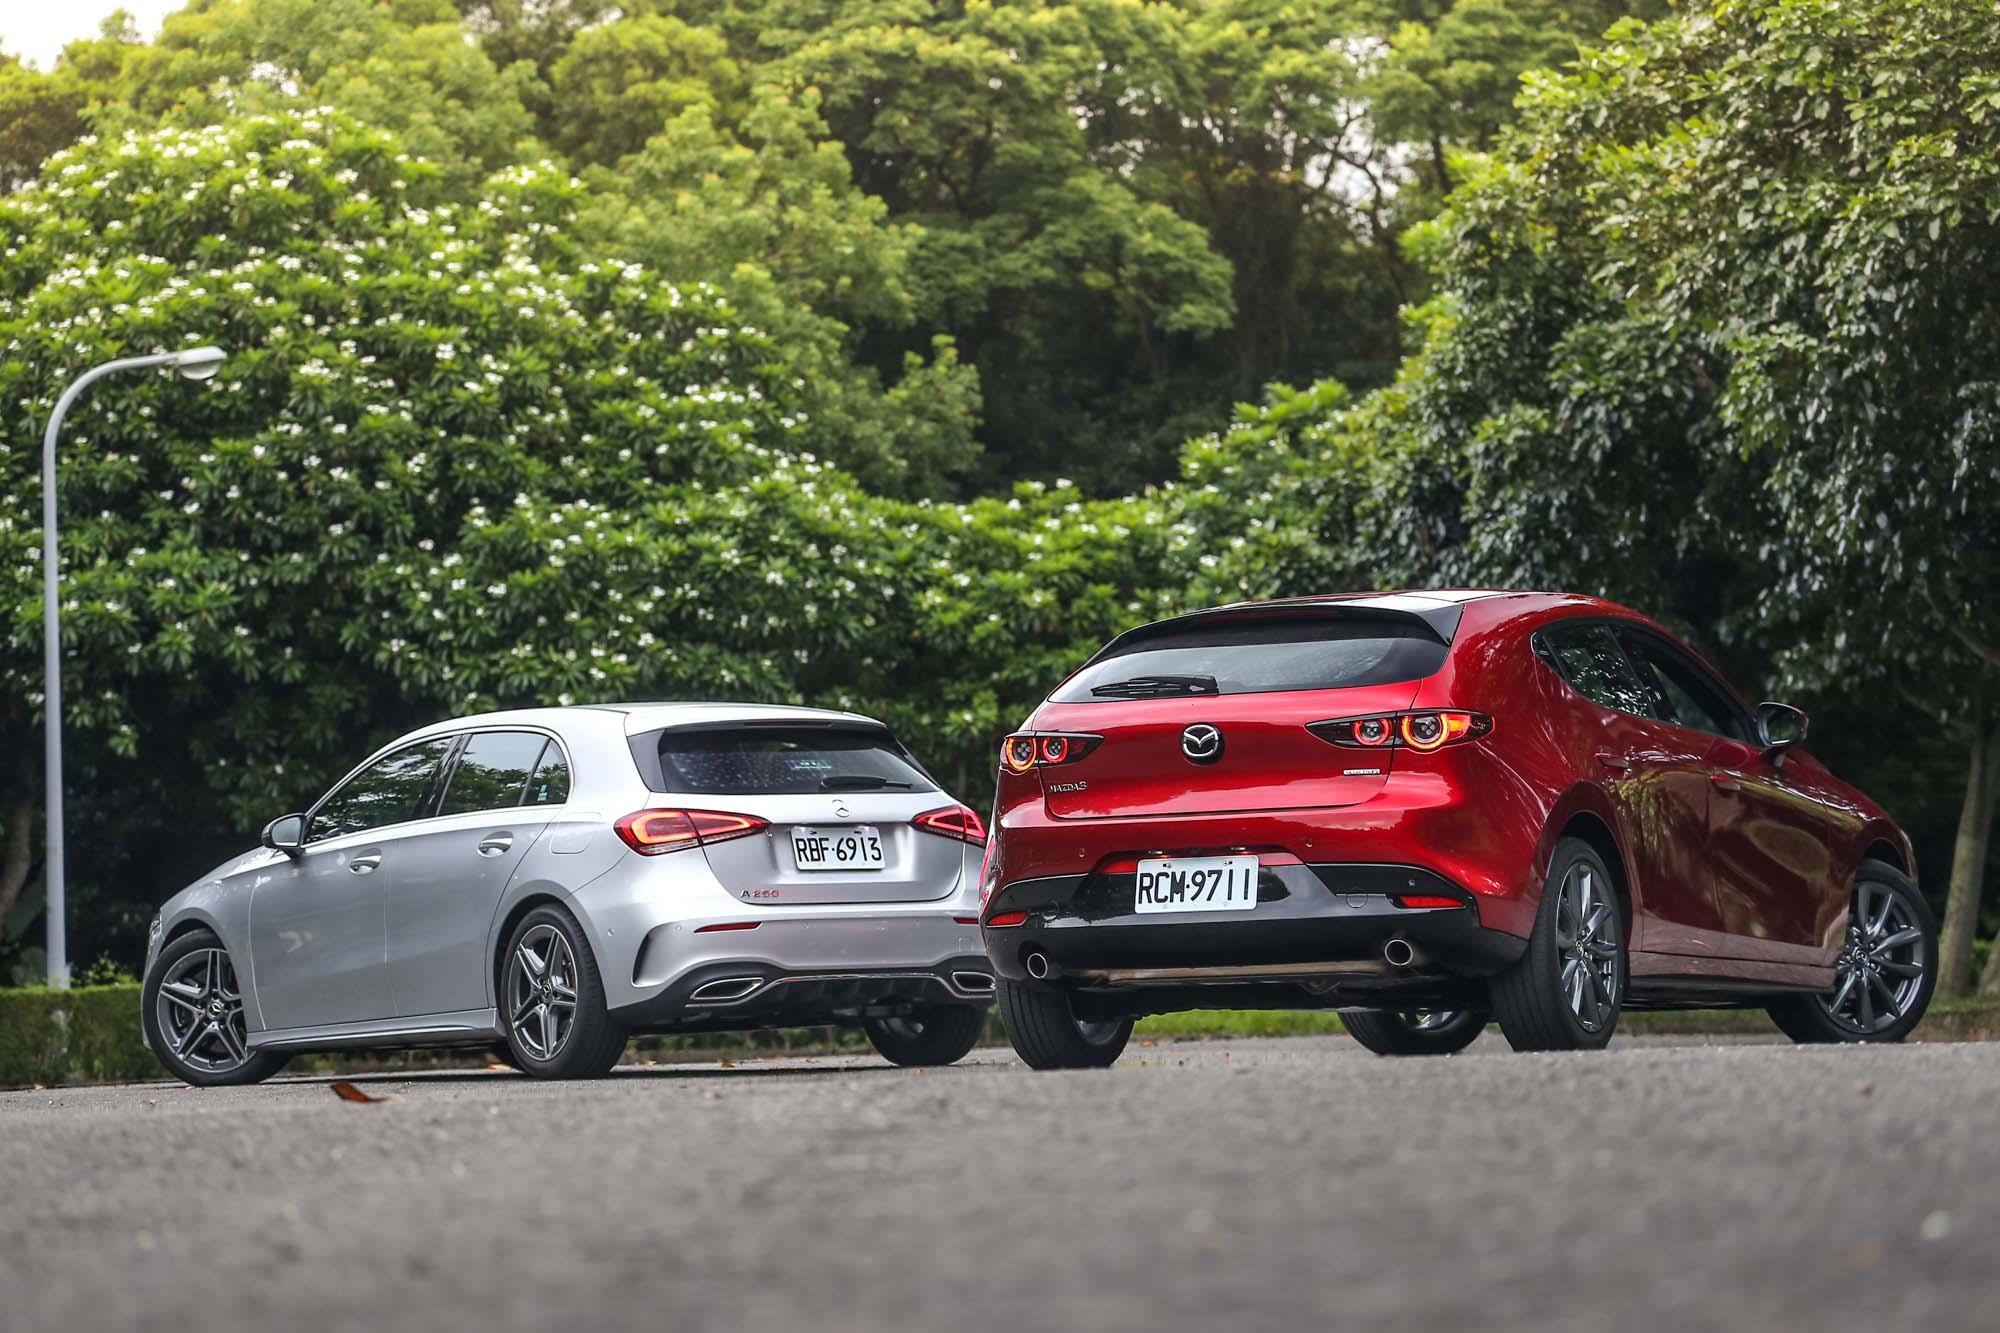 論品牌高度、價格差異,兩者應該都不在同個水平上,但實際比較後,你可以發現新世代 Mazda3 對於質感的追求,在某些面向中已經可以與 Mercedes-Benz A-Class 平起平坐,如此的進化,確實挺值得消費者給予正向鼓勵。